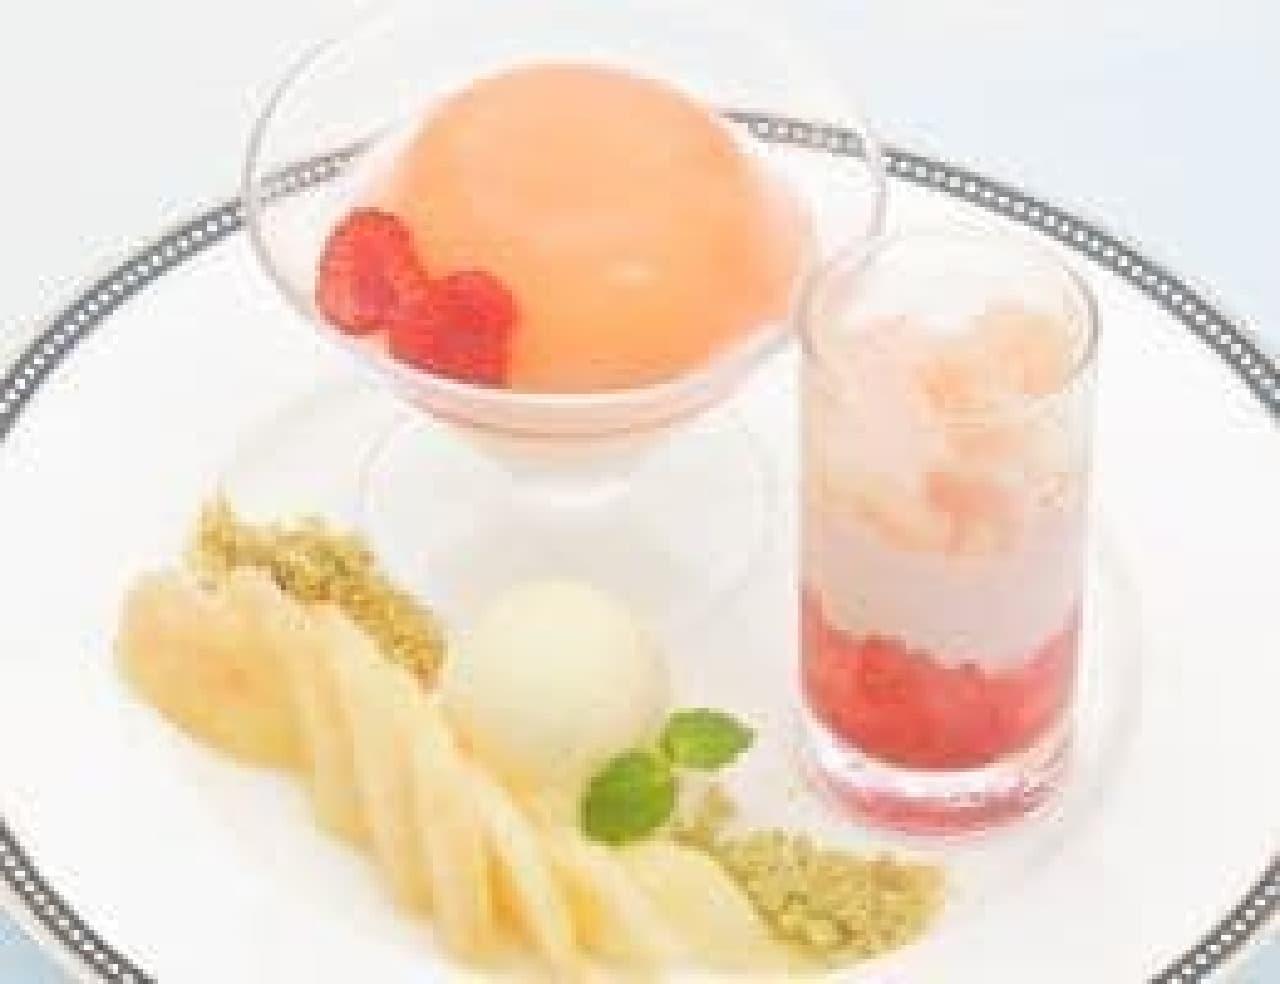 コージーコーナー銀座一丁目本店、8月の限定デザートは山梨の白桃スイーツ!